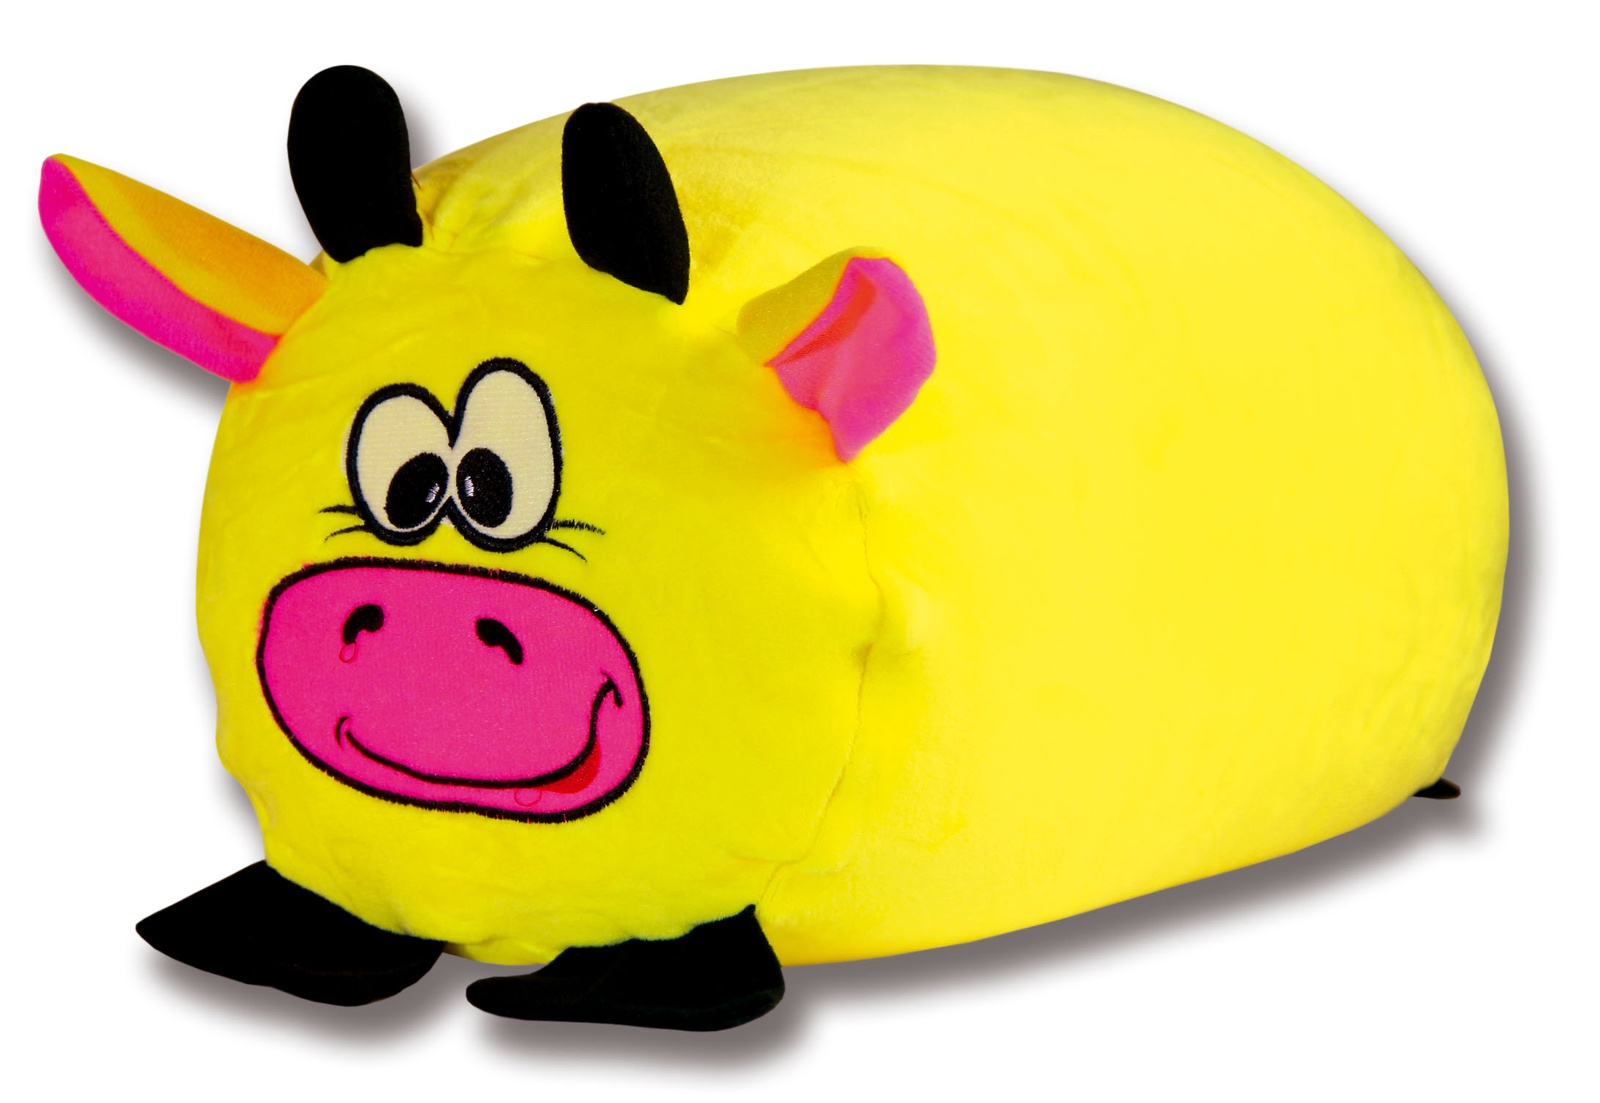 Подушка-валик антистрессовая Штучки, к которым тянутся ручки Зверь. Коровка, цвет: желтый, 38 x 18 см подушка валик антистрессовая штучки к которым тянутся ручки кот полосатый цвет малиновый 38 x 18 см